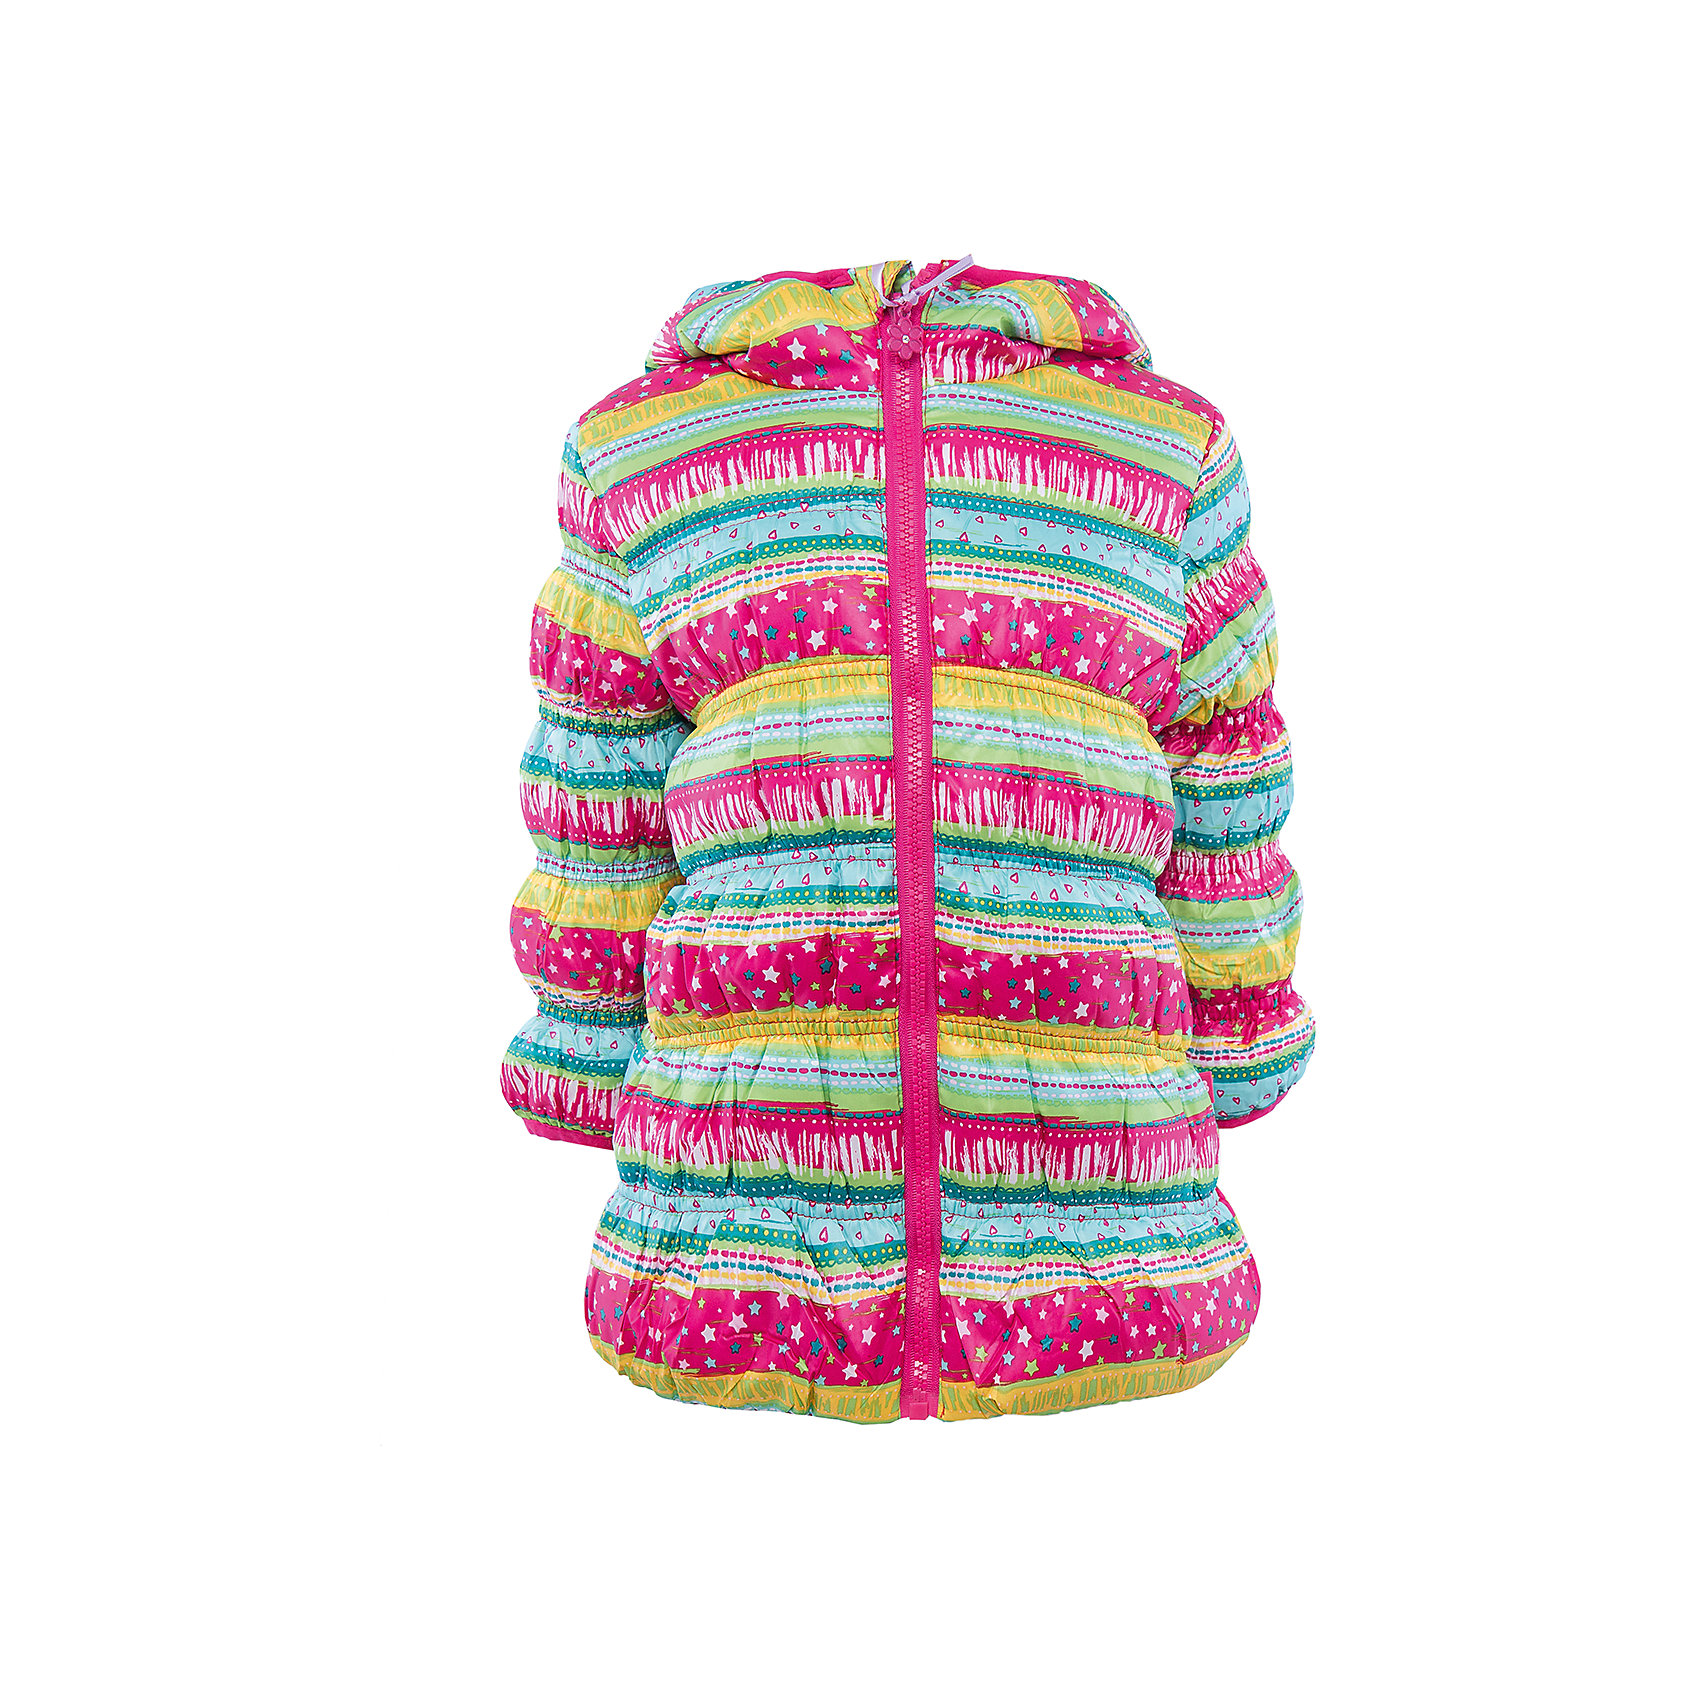 Куртка для девочки Sweet BerryКуртка для девочки.<br><br>Температурный режим: до -5 градусов. Степень утепления – низкая. <br><br>* Температурный режим указан приблизительно — необходимо, прежде всего, ориентироваться на ощущения ребенка. Температурный режим работает в случае соблюдения правила многослойности – использования флисовой поддевы и термобелья.<br><br>Такая модель куртки для девочки отличается модным дизайном. Удачный крой обеспечит ребенку комфорт и тепло. Флисовая подкладка делает вещь идеальной для прохладной погоды. Она плотно прилегает к телу там, где нужно, и отлично сидит по фигуре. Декорирована модель ярким серебристым принтом.<br>Одежда от бренда Sweet Berry - это простой и выгодный способ одеть ребенка удобно и стильно. Всё изделия тщательно проработаны: швы - прочные, материал - качественный, фурнитура - подобранная специально для детей. <br><br>Дополнительная информация:<br><br>цвет: розовый;<br>капюшон;<br>материал: верх, подкладка, наполнитель - 100% полиэстер;<br>застежка: молния;<br>принт.<br><br>Куртку для девочки от бренда Sweet Berry можно купить в нашем интернет-магазине.<br><br>Ширина мм: 356<br>Глубина мм: 10<br>Высота мм: 245<br>Вес г: 519<br>Цвет: розовый<br>Возраст от месяцев: 12<br>Возраст до месяцев: 15<br>Пол: Женский<br>Возраст: Детский<br>Размер: 80,98,92,86<br>SKU: 4931228